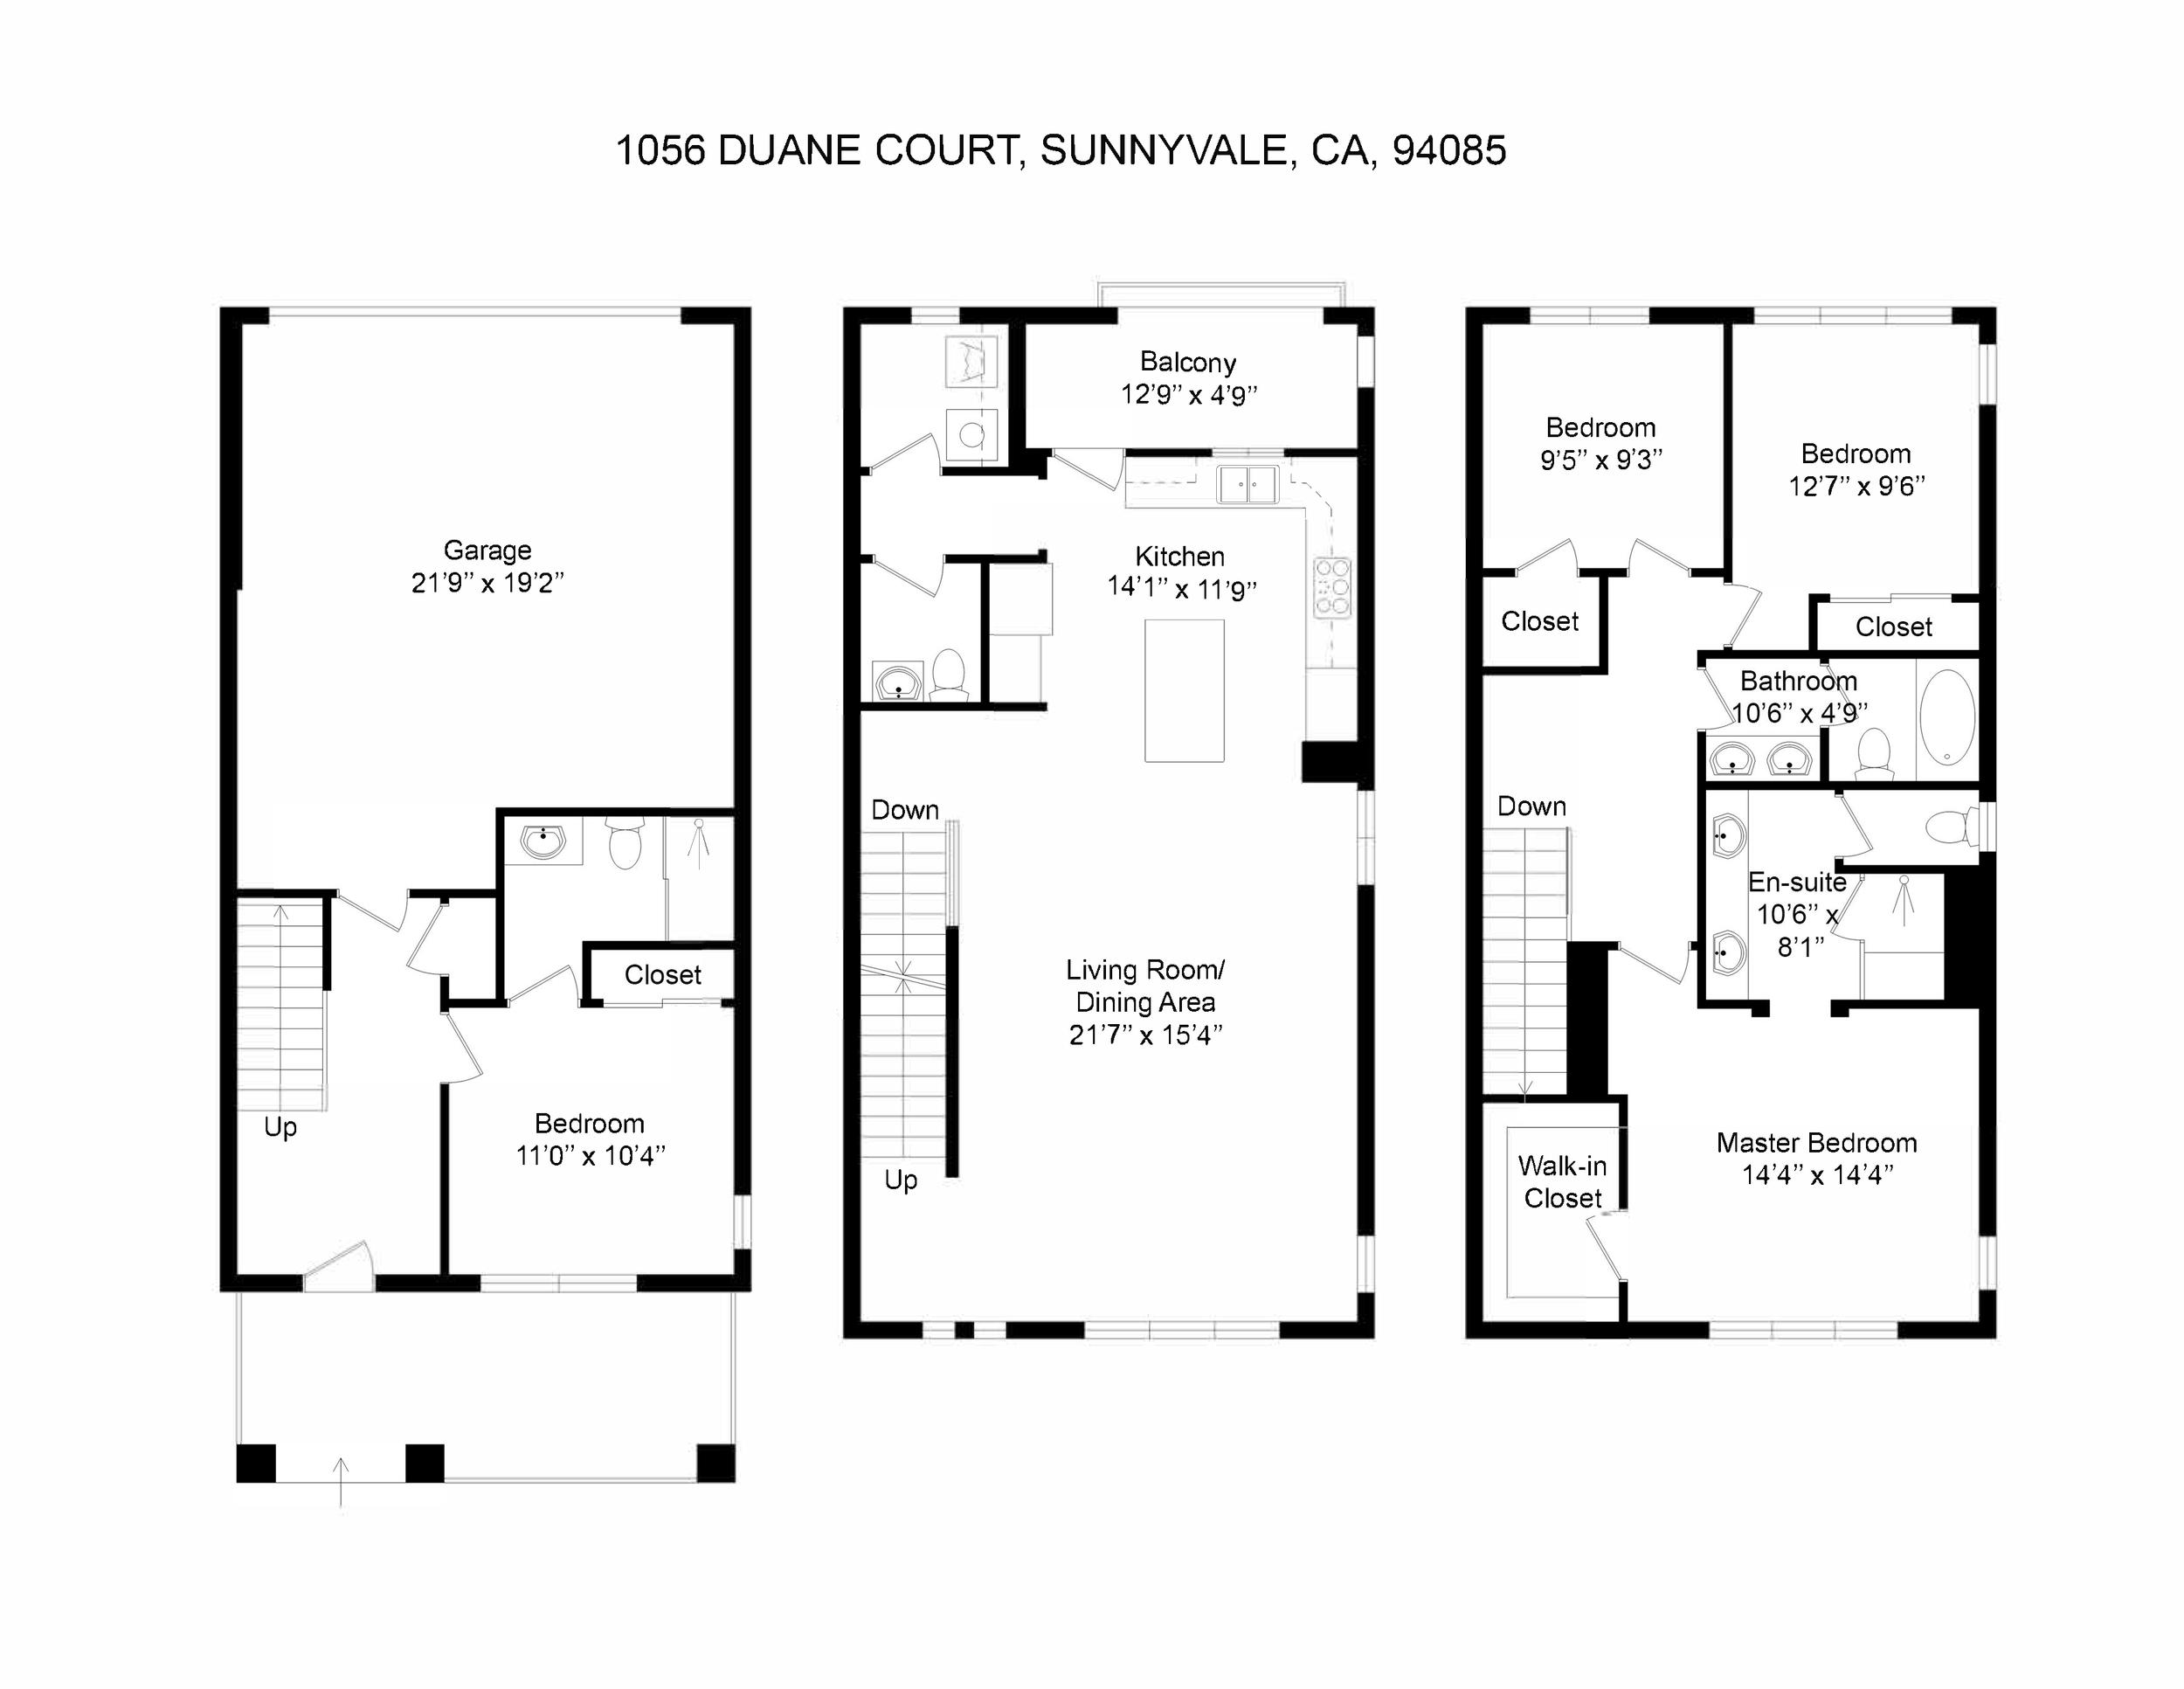 Floorplan- 1056 Duane Court, Sunnyvale, CA, 94085_2D.png